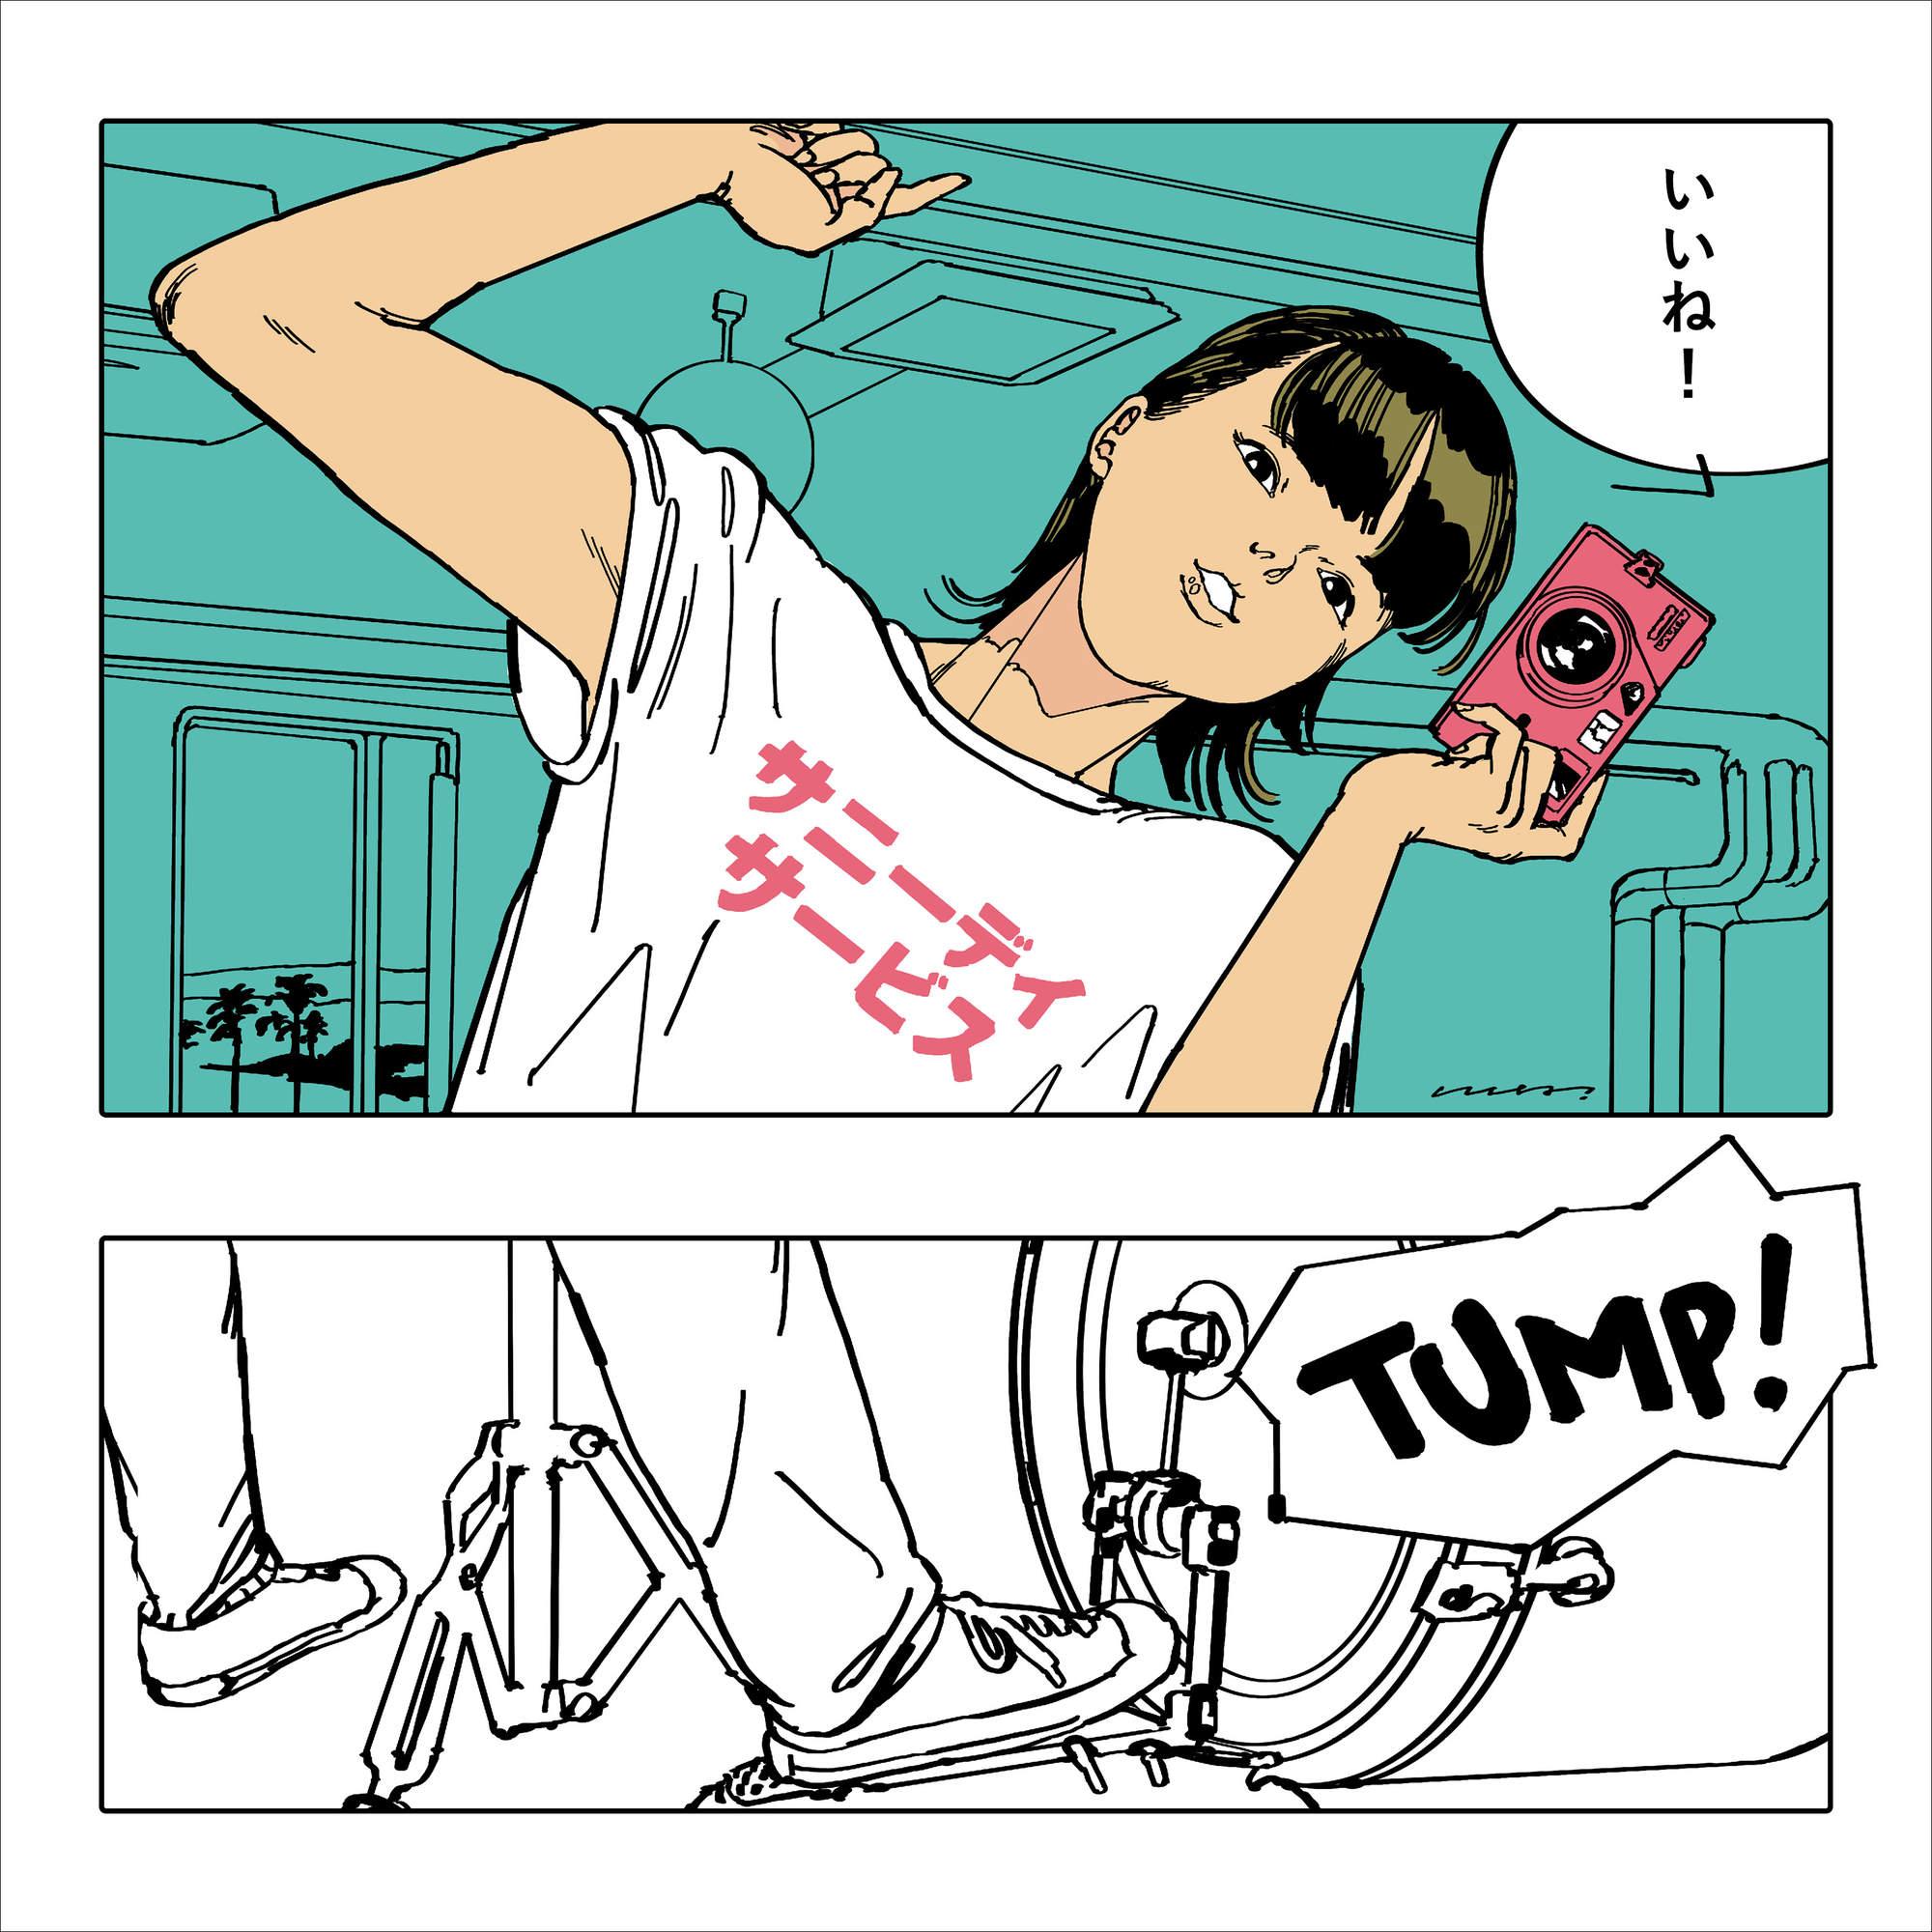 サニーデイ ・サービス『もっといいね!』一般発売決定!『いいね!』と『DANCE TO YOU』のLP再発盤も同時発売!!!